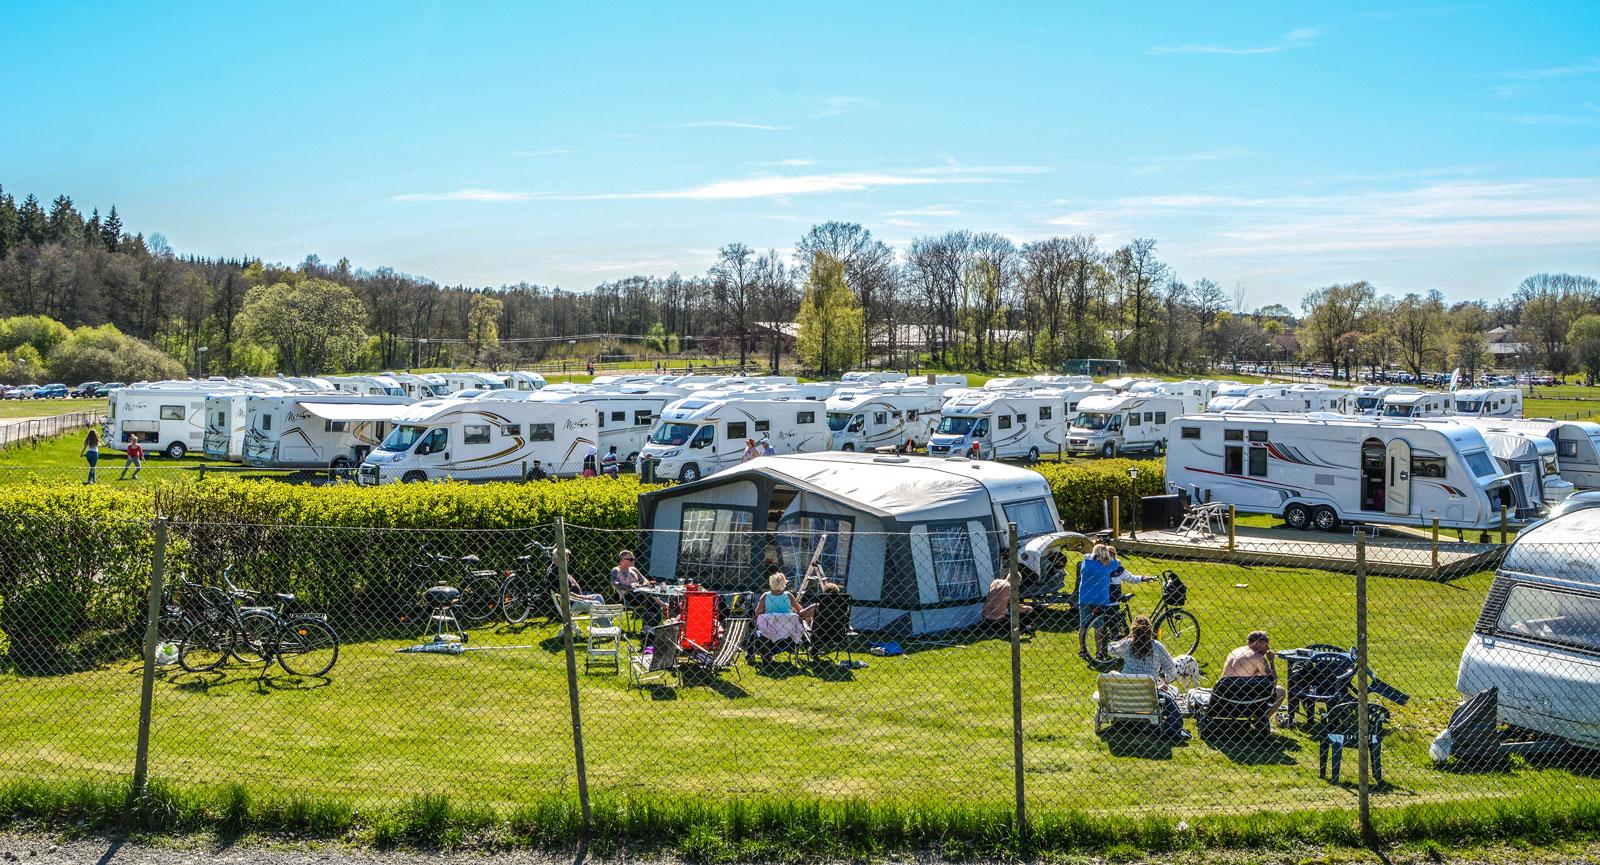 En perfekt dag för camping. Notera gyttret av McLouis-bilar på gräsfältet bakom campingen.